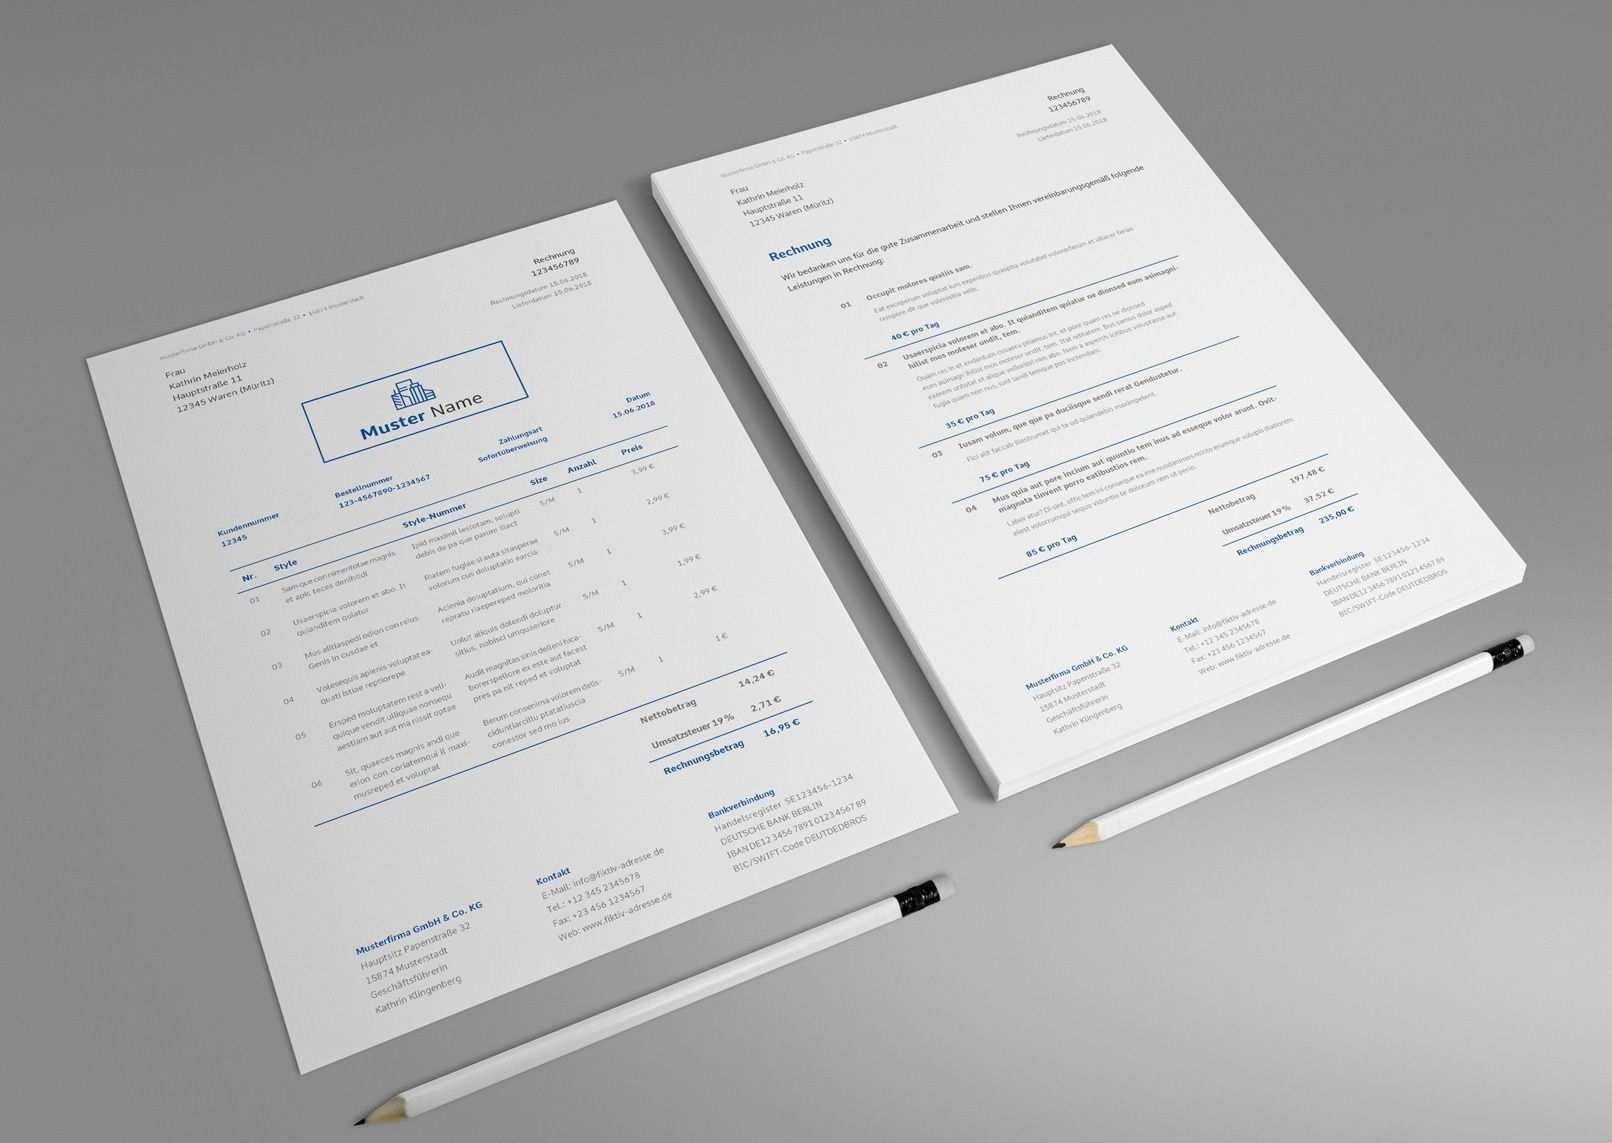 Rechnungsvorlagen Lieferscheine Und Angebote Fur Word Co Rechnung Vorlage Rechnungsvorlage Vorlagen